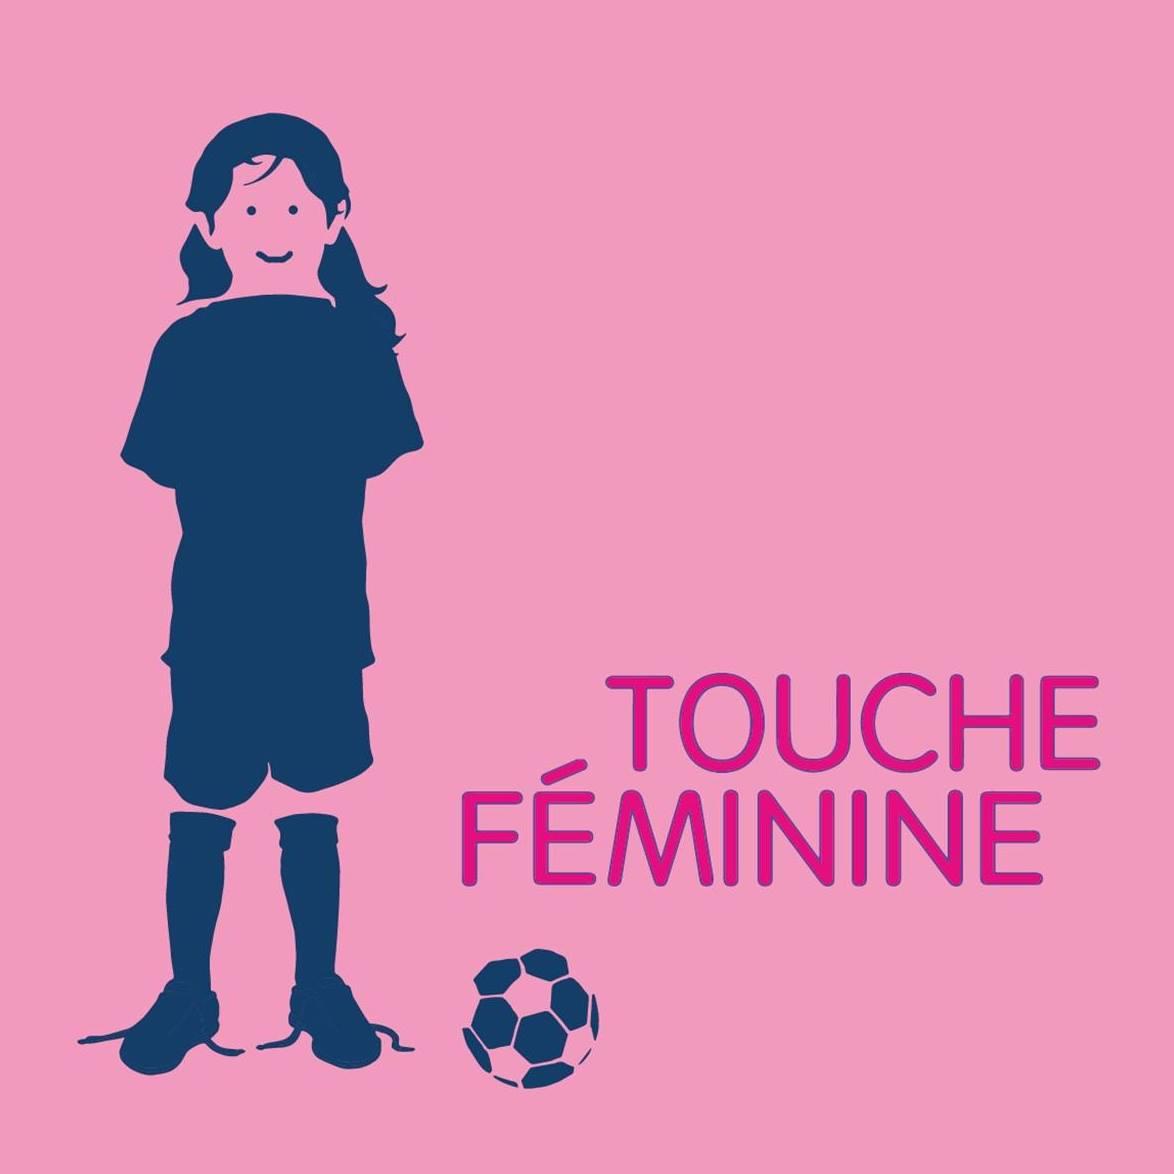 Touche Féminine